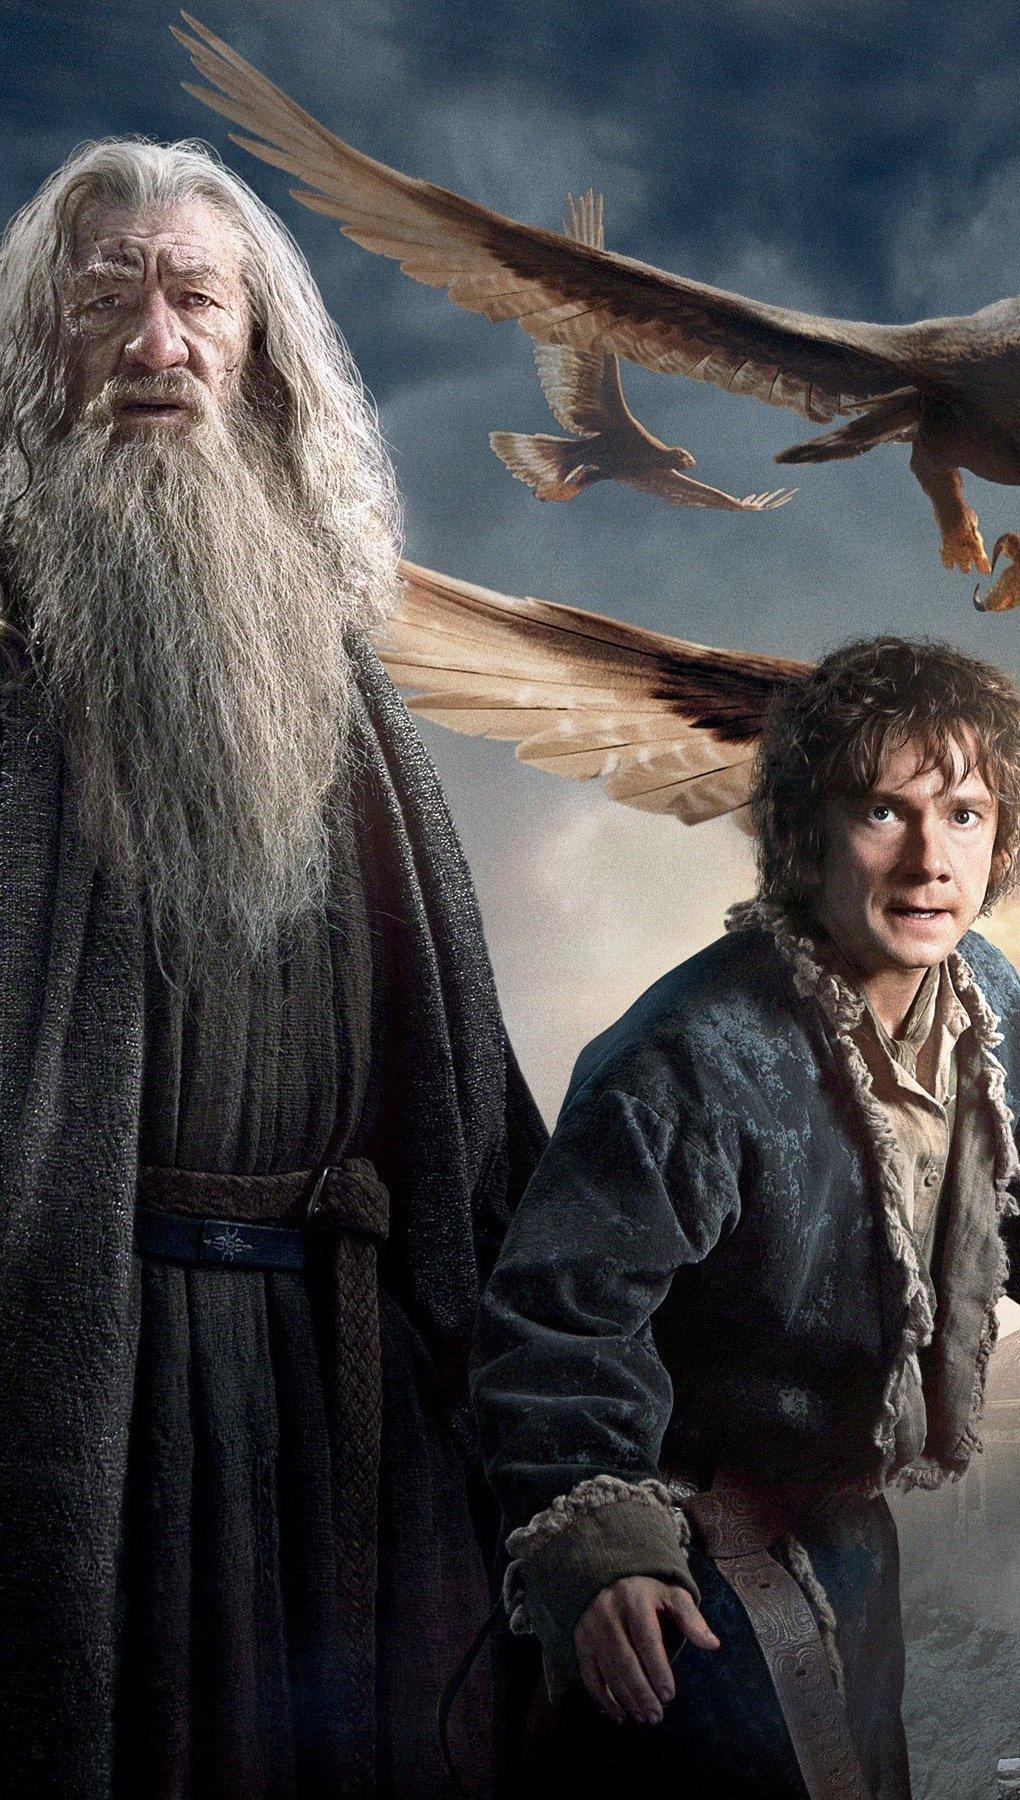 Wallpaper Gandalf and Bilbo Baggings in The Hobbit Vertical